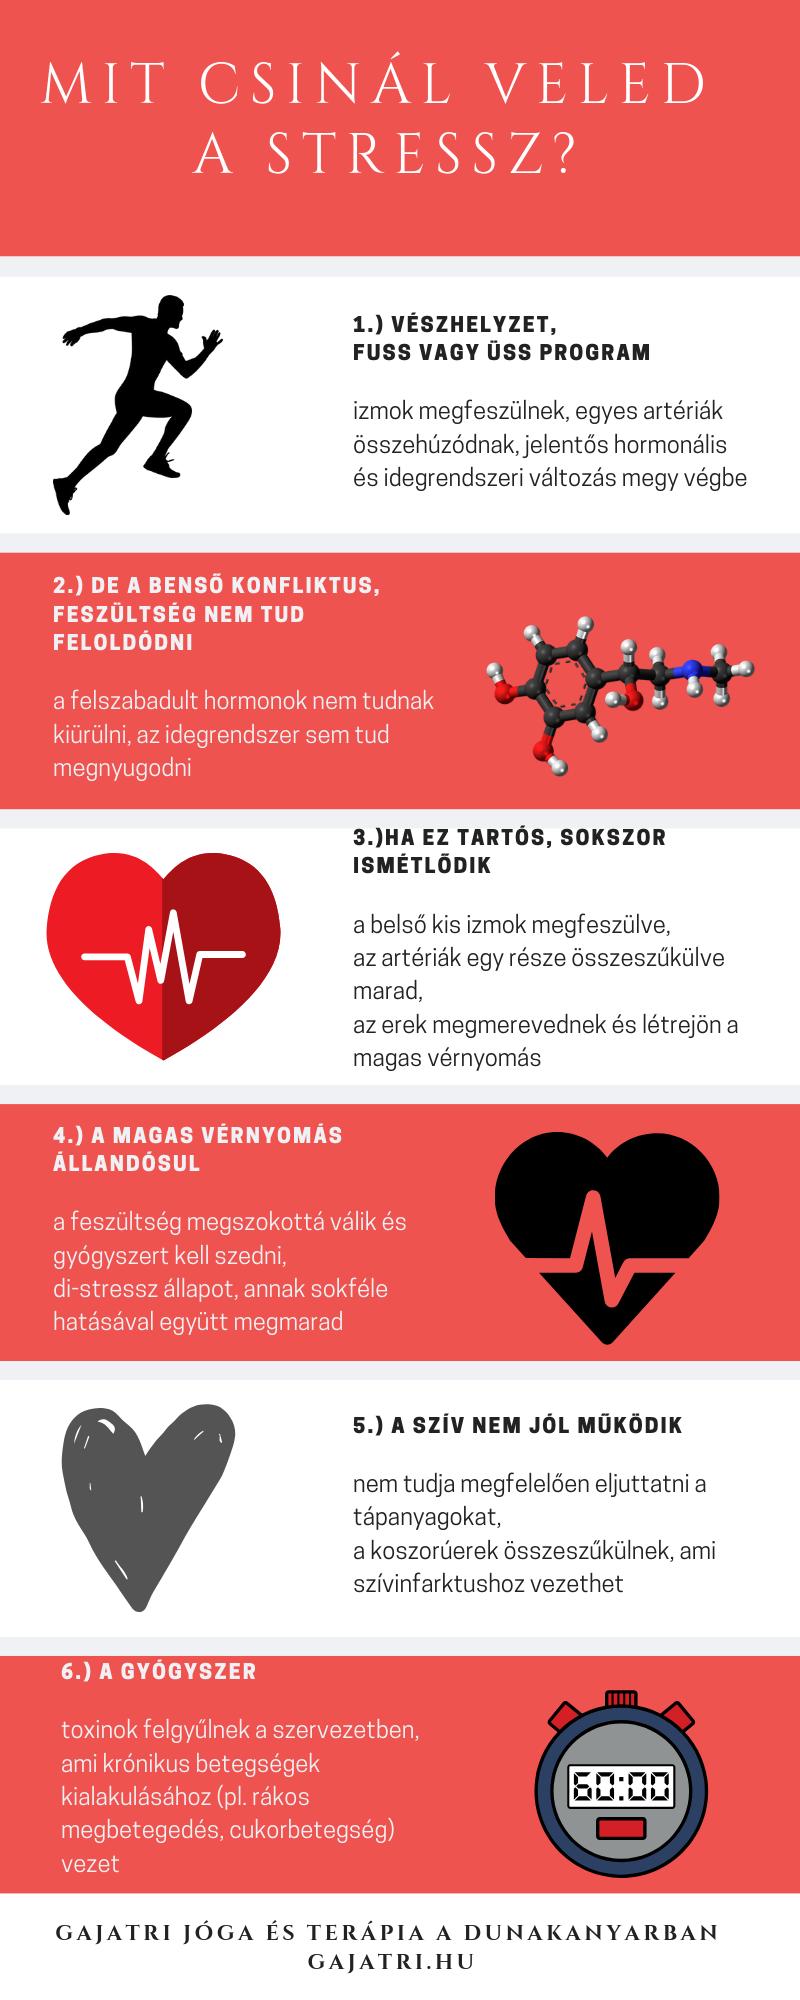 magas vérnyomás kezelés nifedipin magas vérnyomás elleni gyógyszerek idős korban